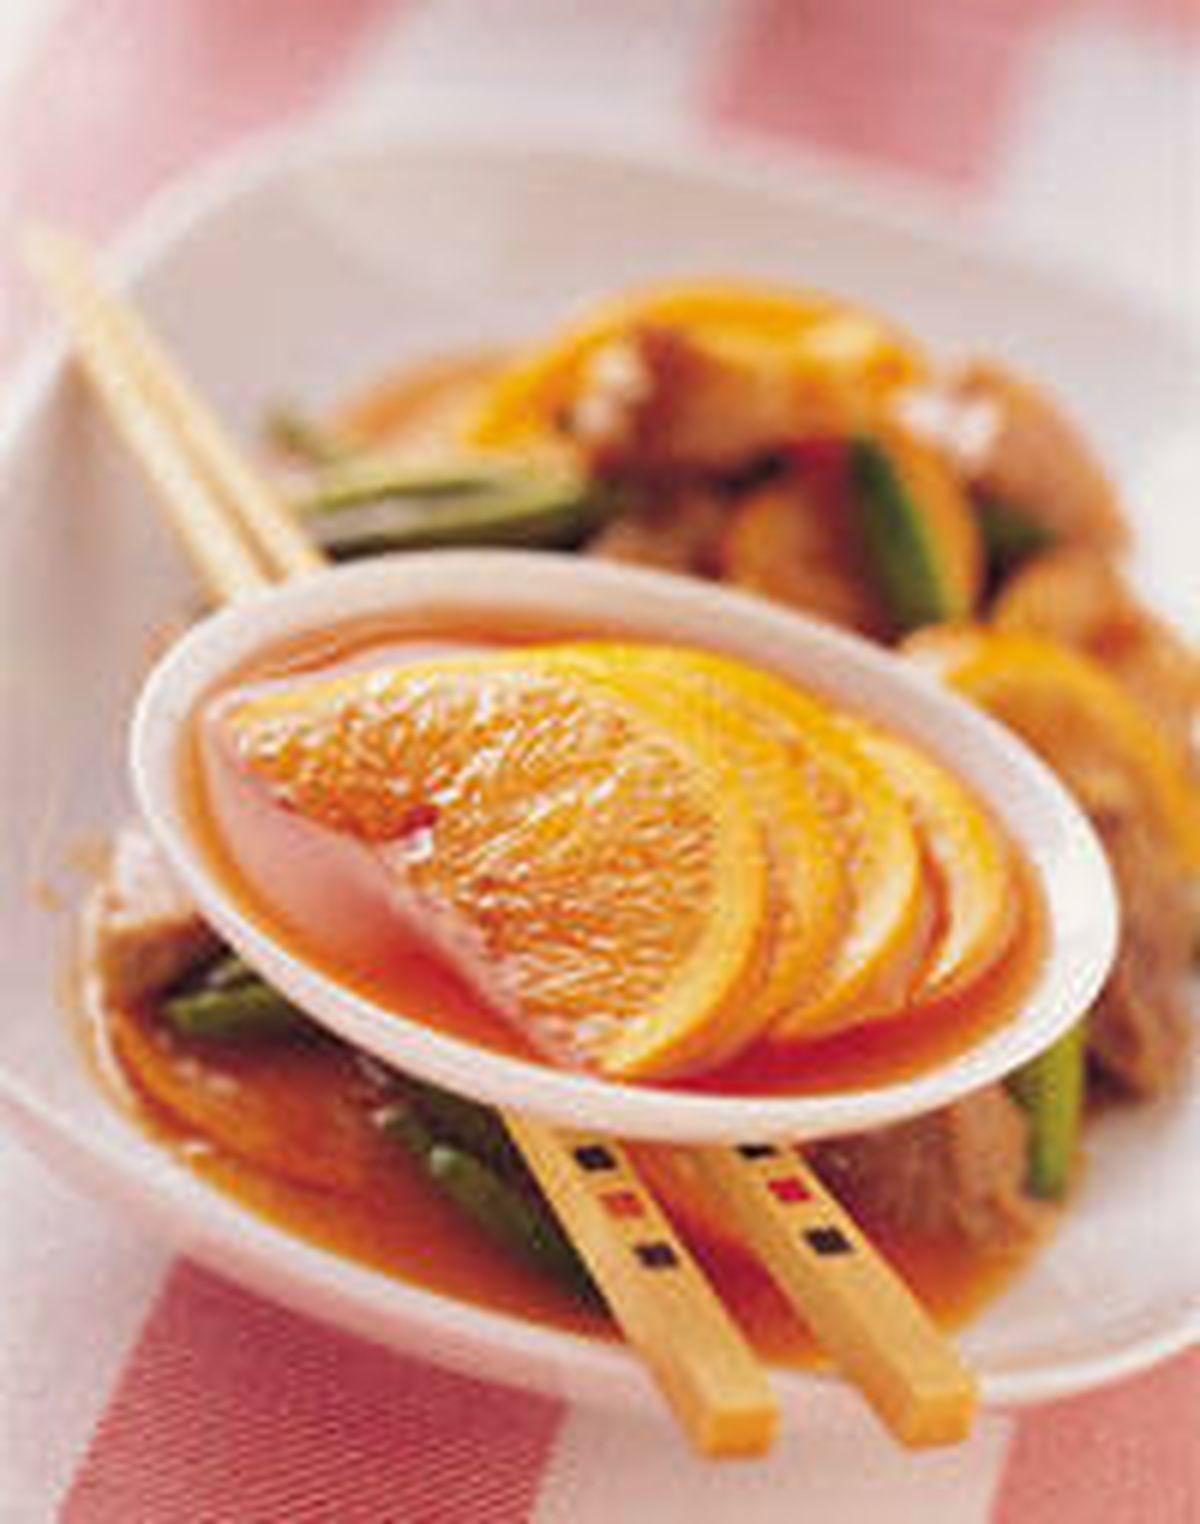 食譜:金針橙汁燴梅花